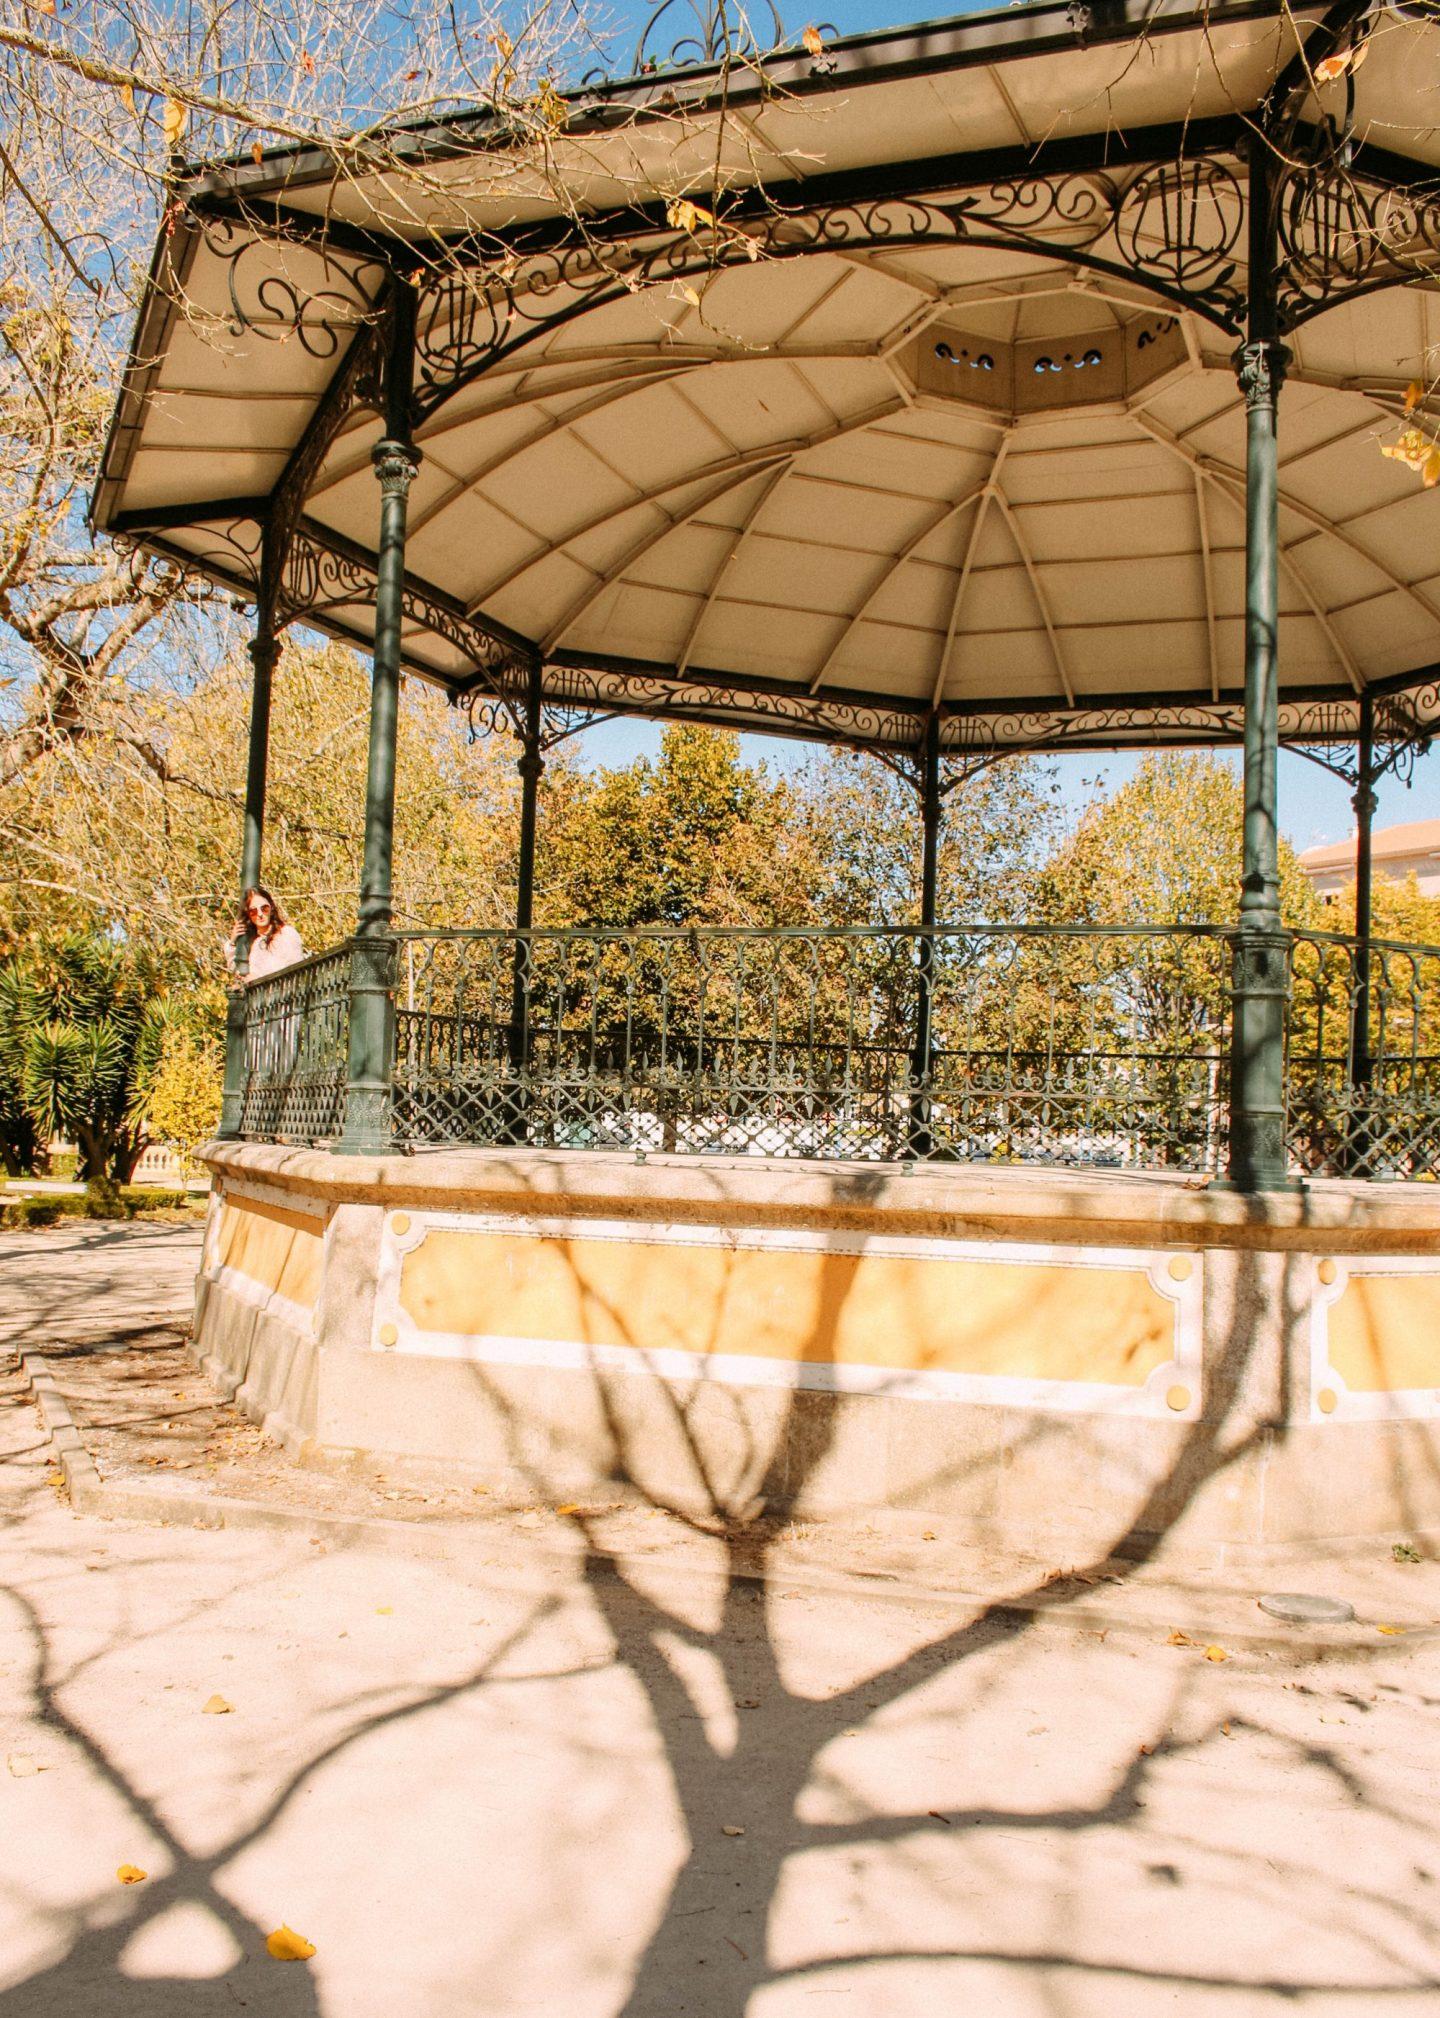 Descobre o Parque Infante Dom Pedro em Aveiro